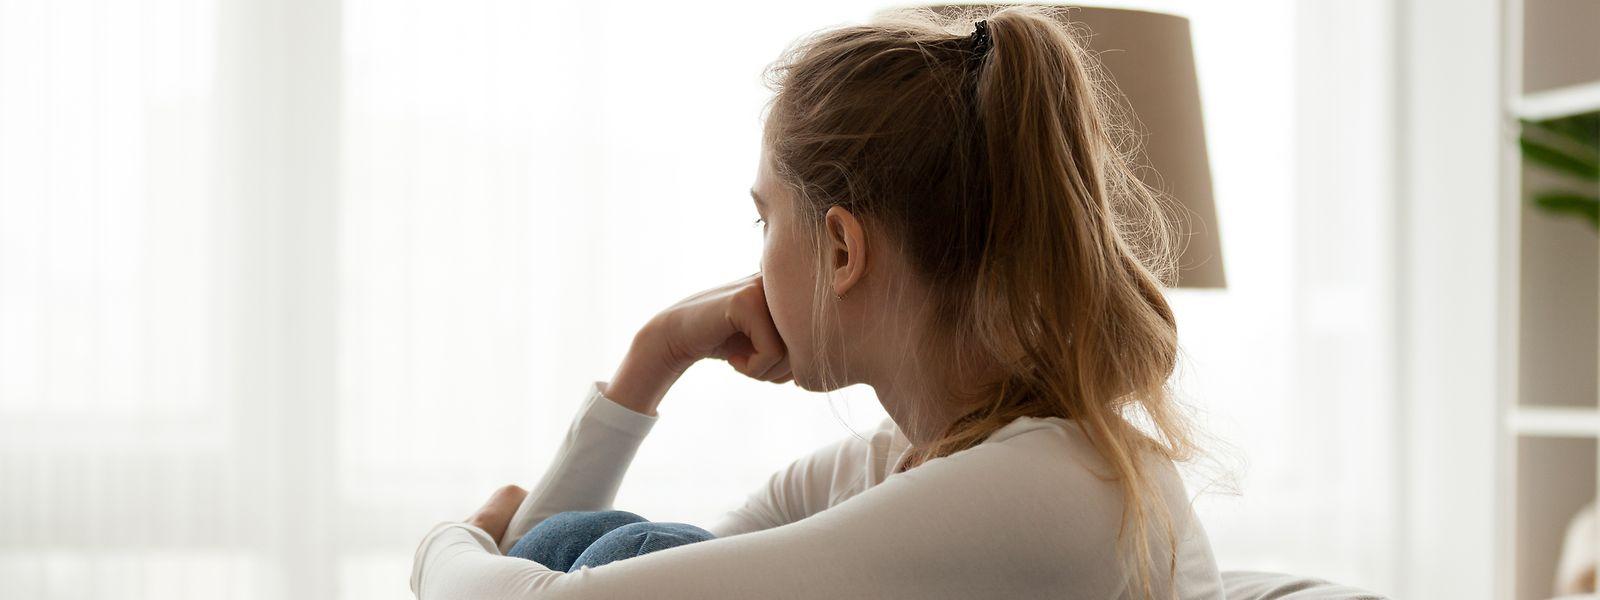 Isolation bringt Schwierigkeiten mit sich: Ist man alleine und kann den gewohnten sozialen Kontakten nicht nachgehen, beginnen die Gedanken nicht selten zu kreisen.